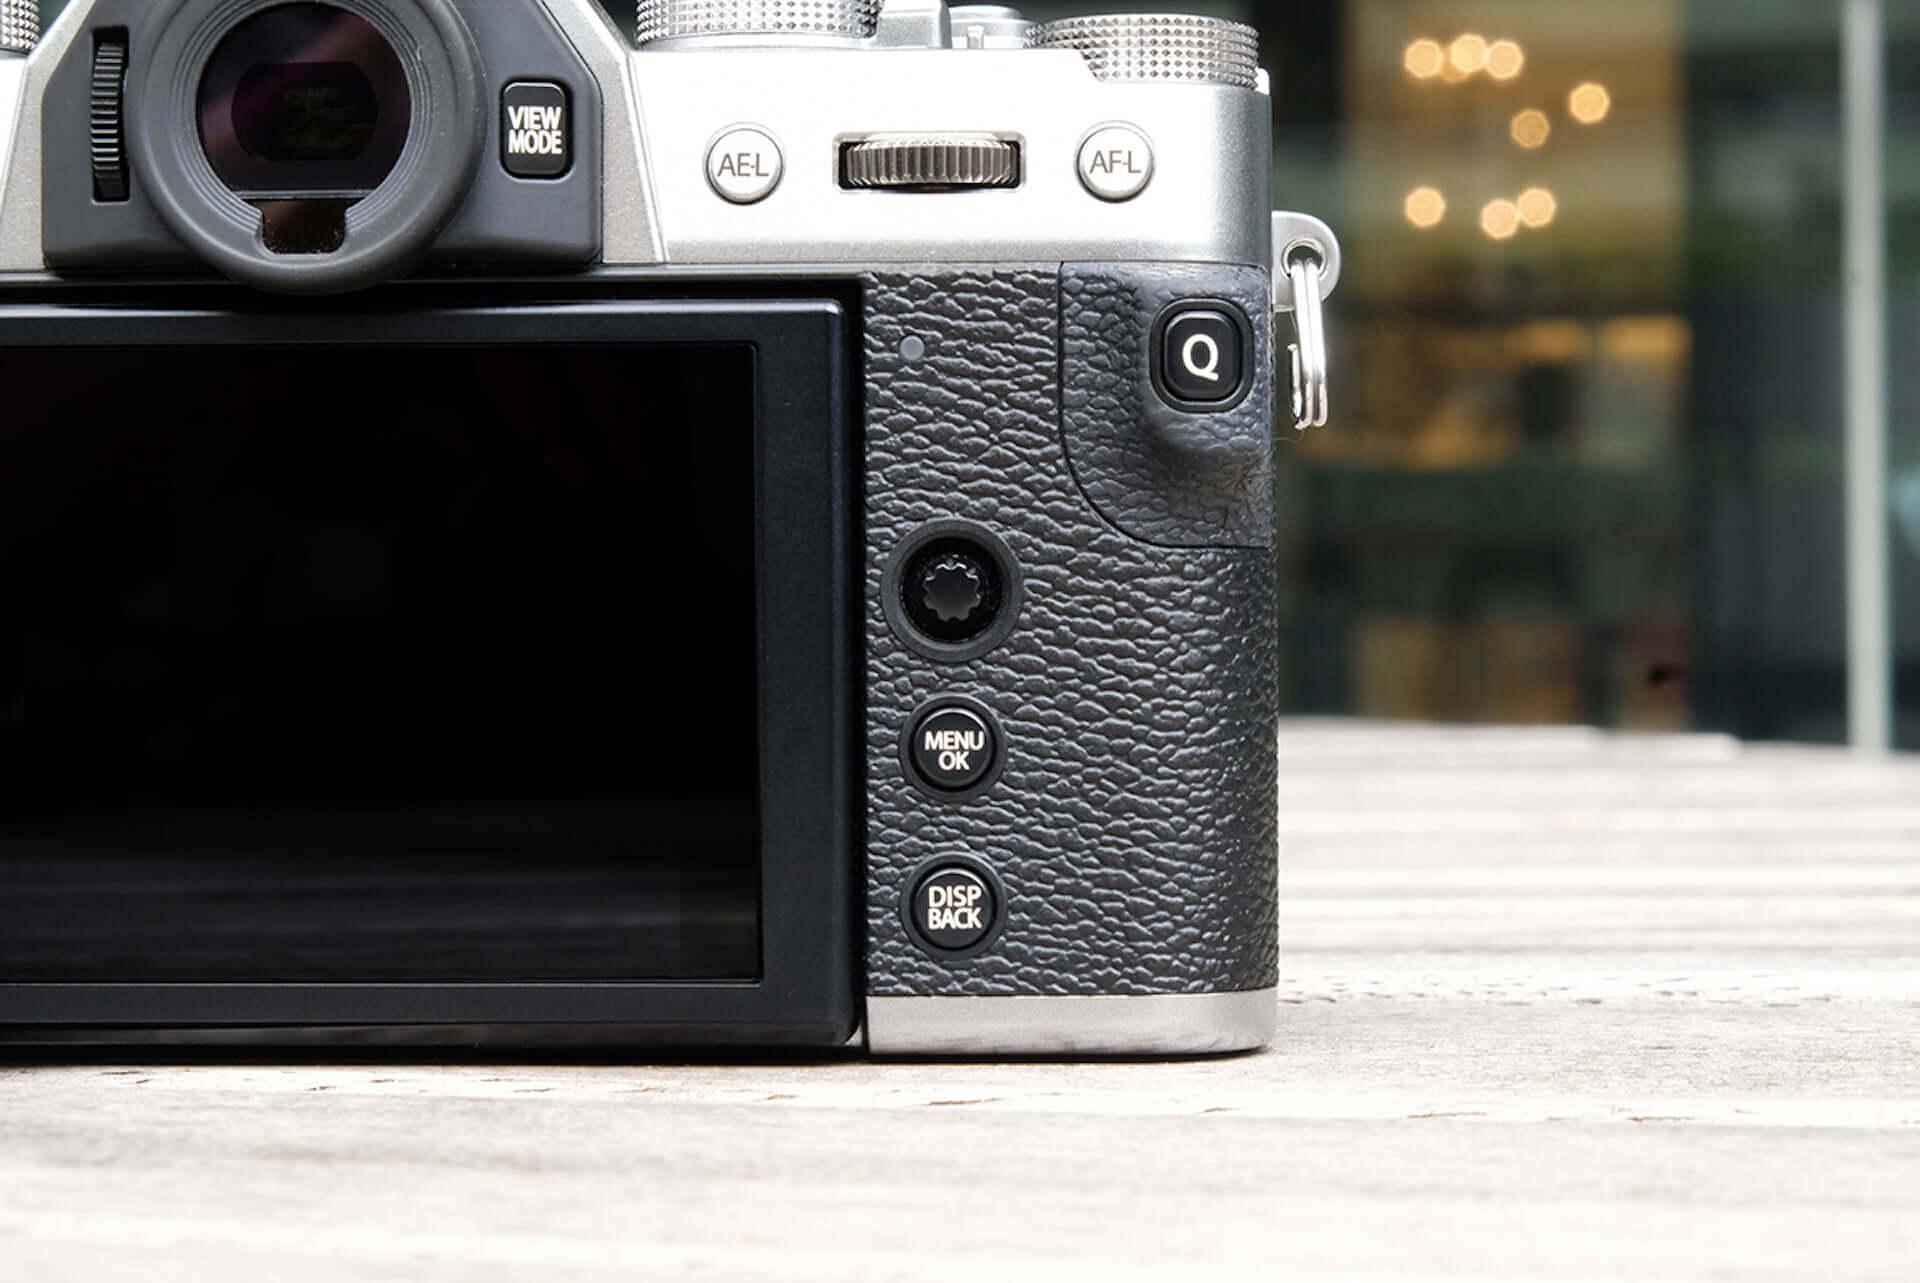 上位機種と同等の高性能センサーを搭載!FUJIFILM Xシリーズ最新デジタルカメラ「X-T30」をレビュー xt30-review_9099-1920x1283